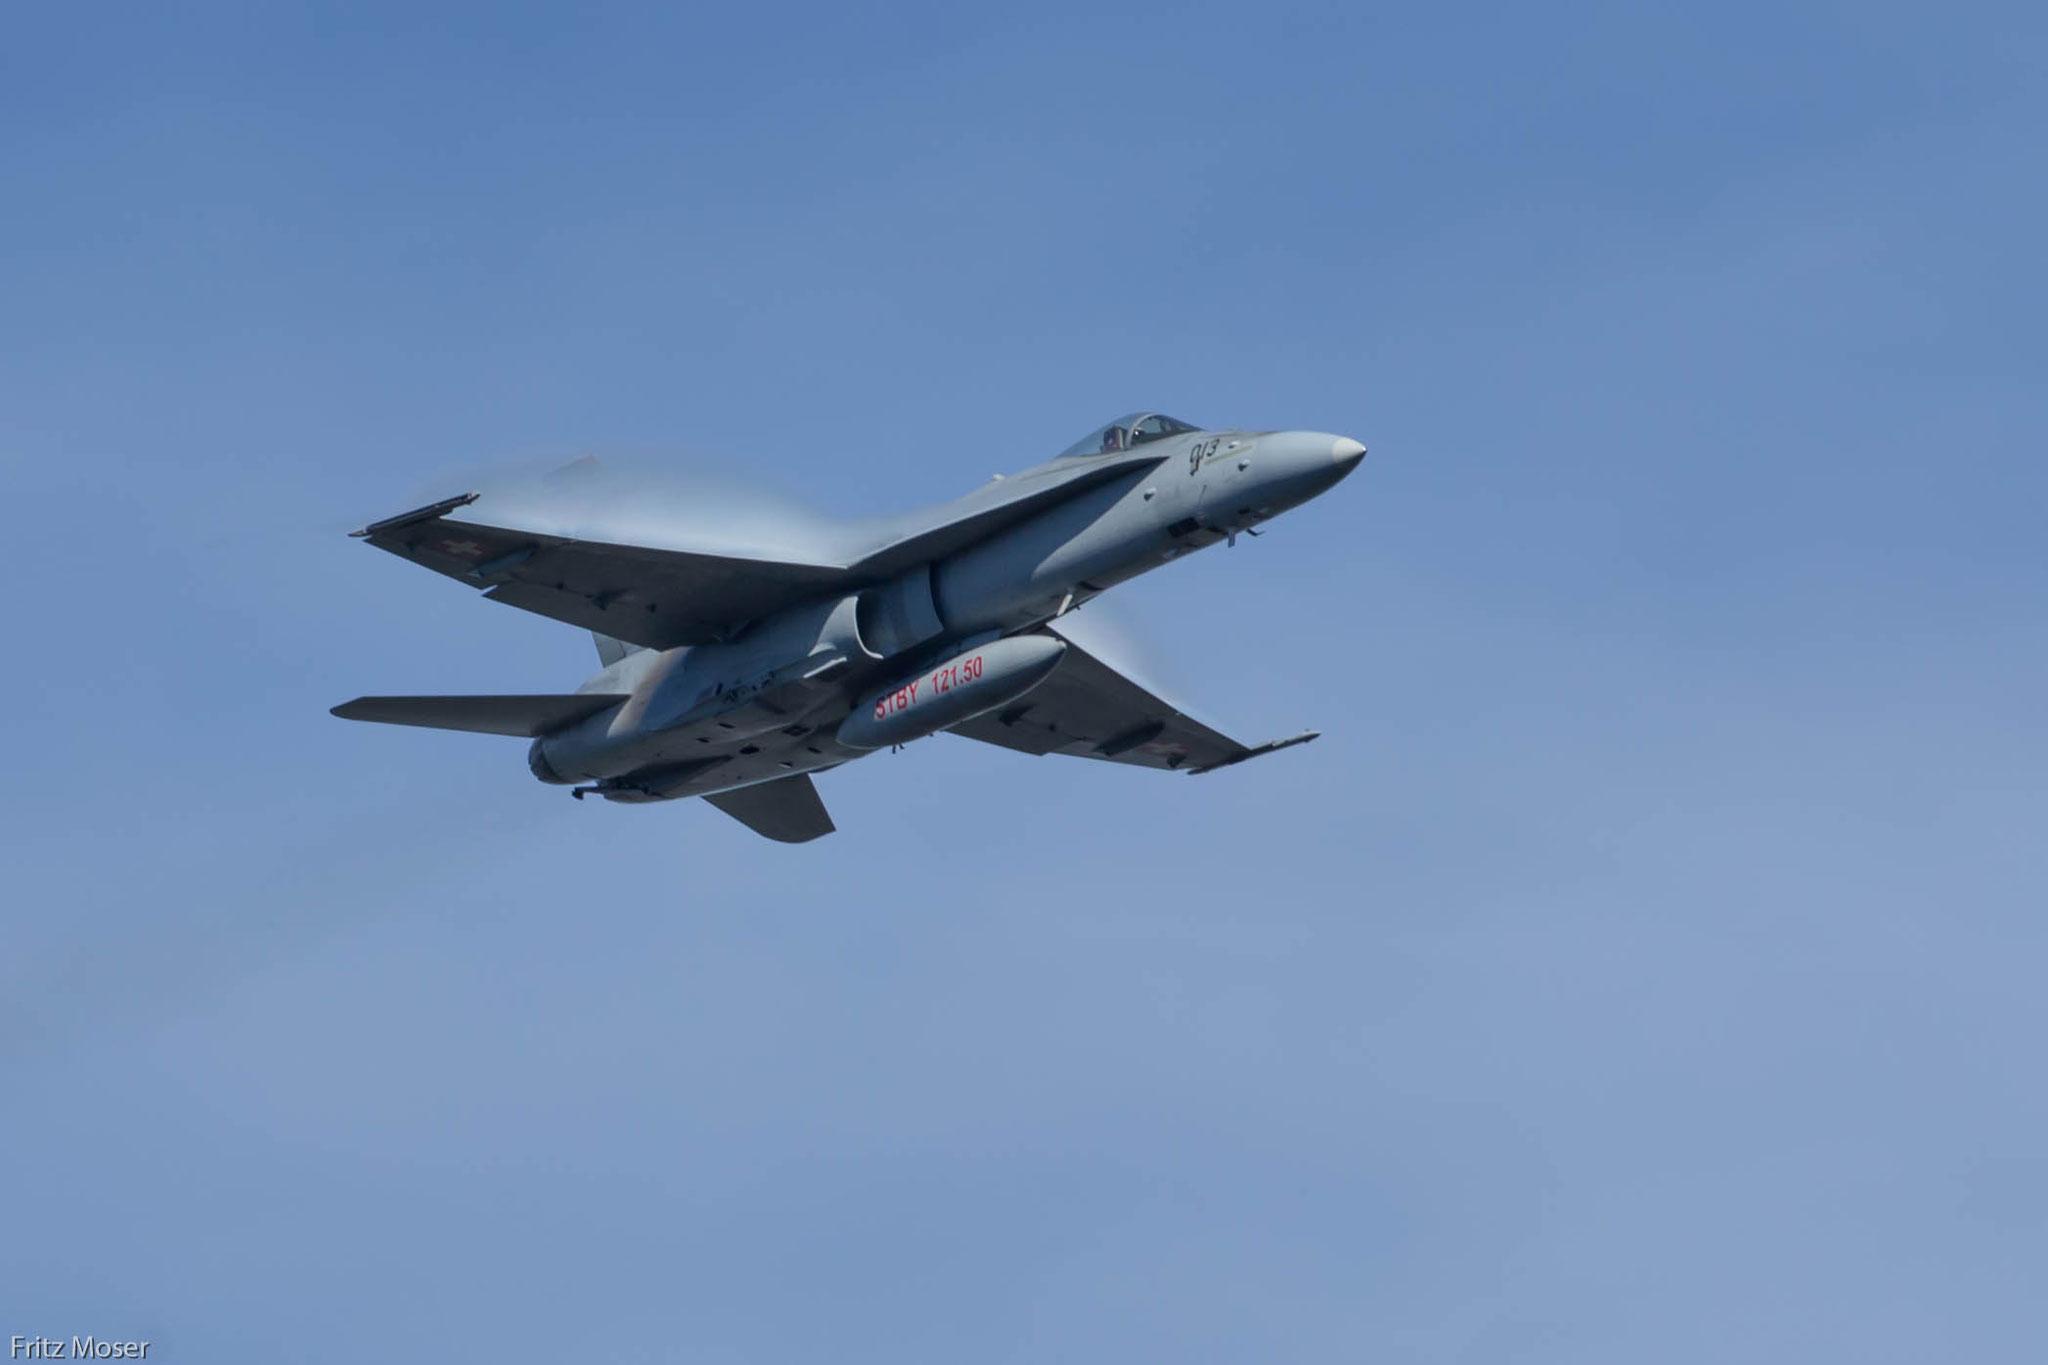 F 18 Hornet Siss Air Force